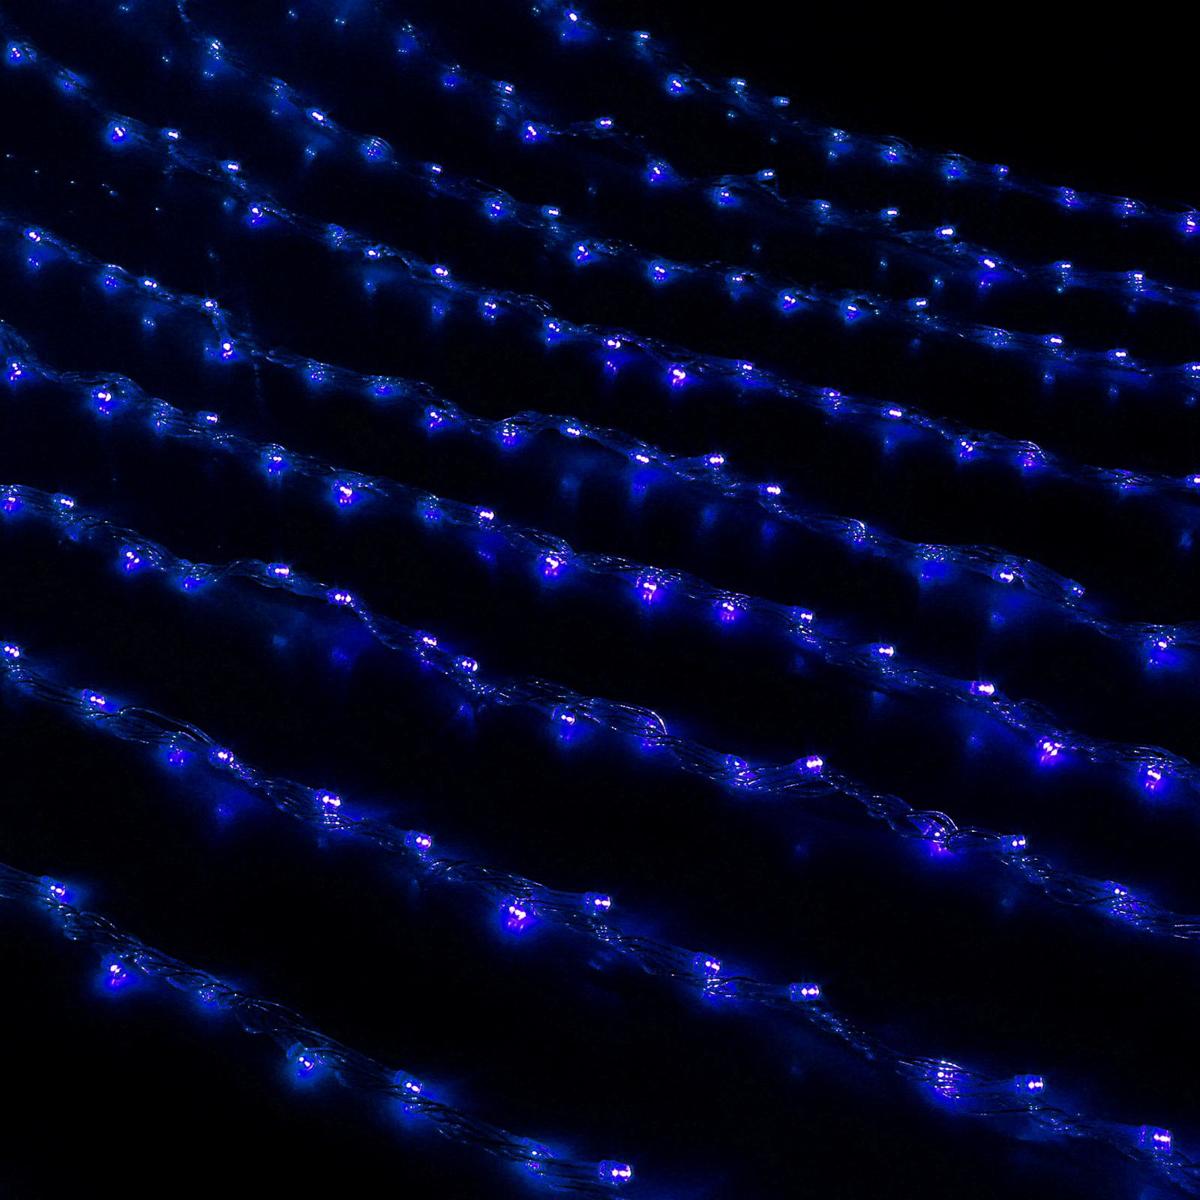 Гирлянда светодиодная Luazon Дождь, цвет: синий, 400 ламп, 8 режимов, 220 V, 2 х 1,5 м. 705961705961Светодиодные гирлянды и ленты — это отличный вариант для новогоднего оформления интерьера или фасада. С их помощью помещение любого размера можно превратить в праздничный зал, а внешние элементы зданий, украшенные ими, мгновенно станут напоминать очертания сказочного дворца. Такие украшения создают ауру предвкушения чуда. Деревья, фасады, витрины, окна и арки будто специально созданы, чтобы вы украсили их светящимися нитями.